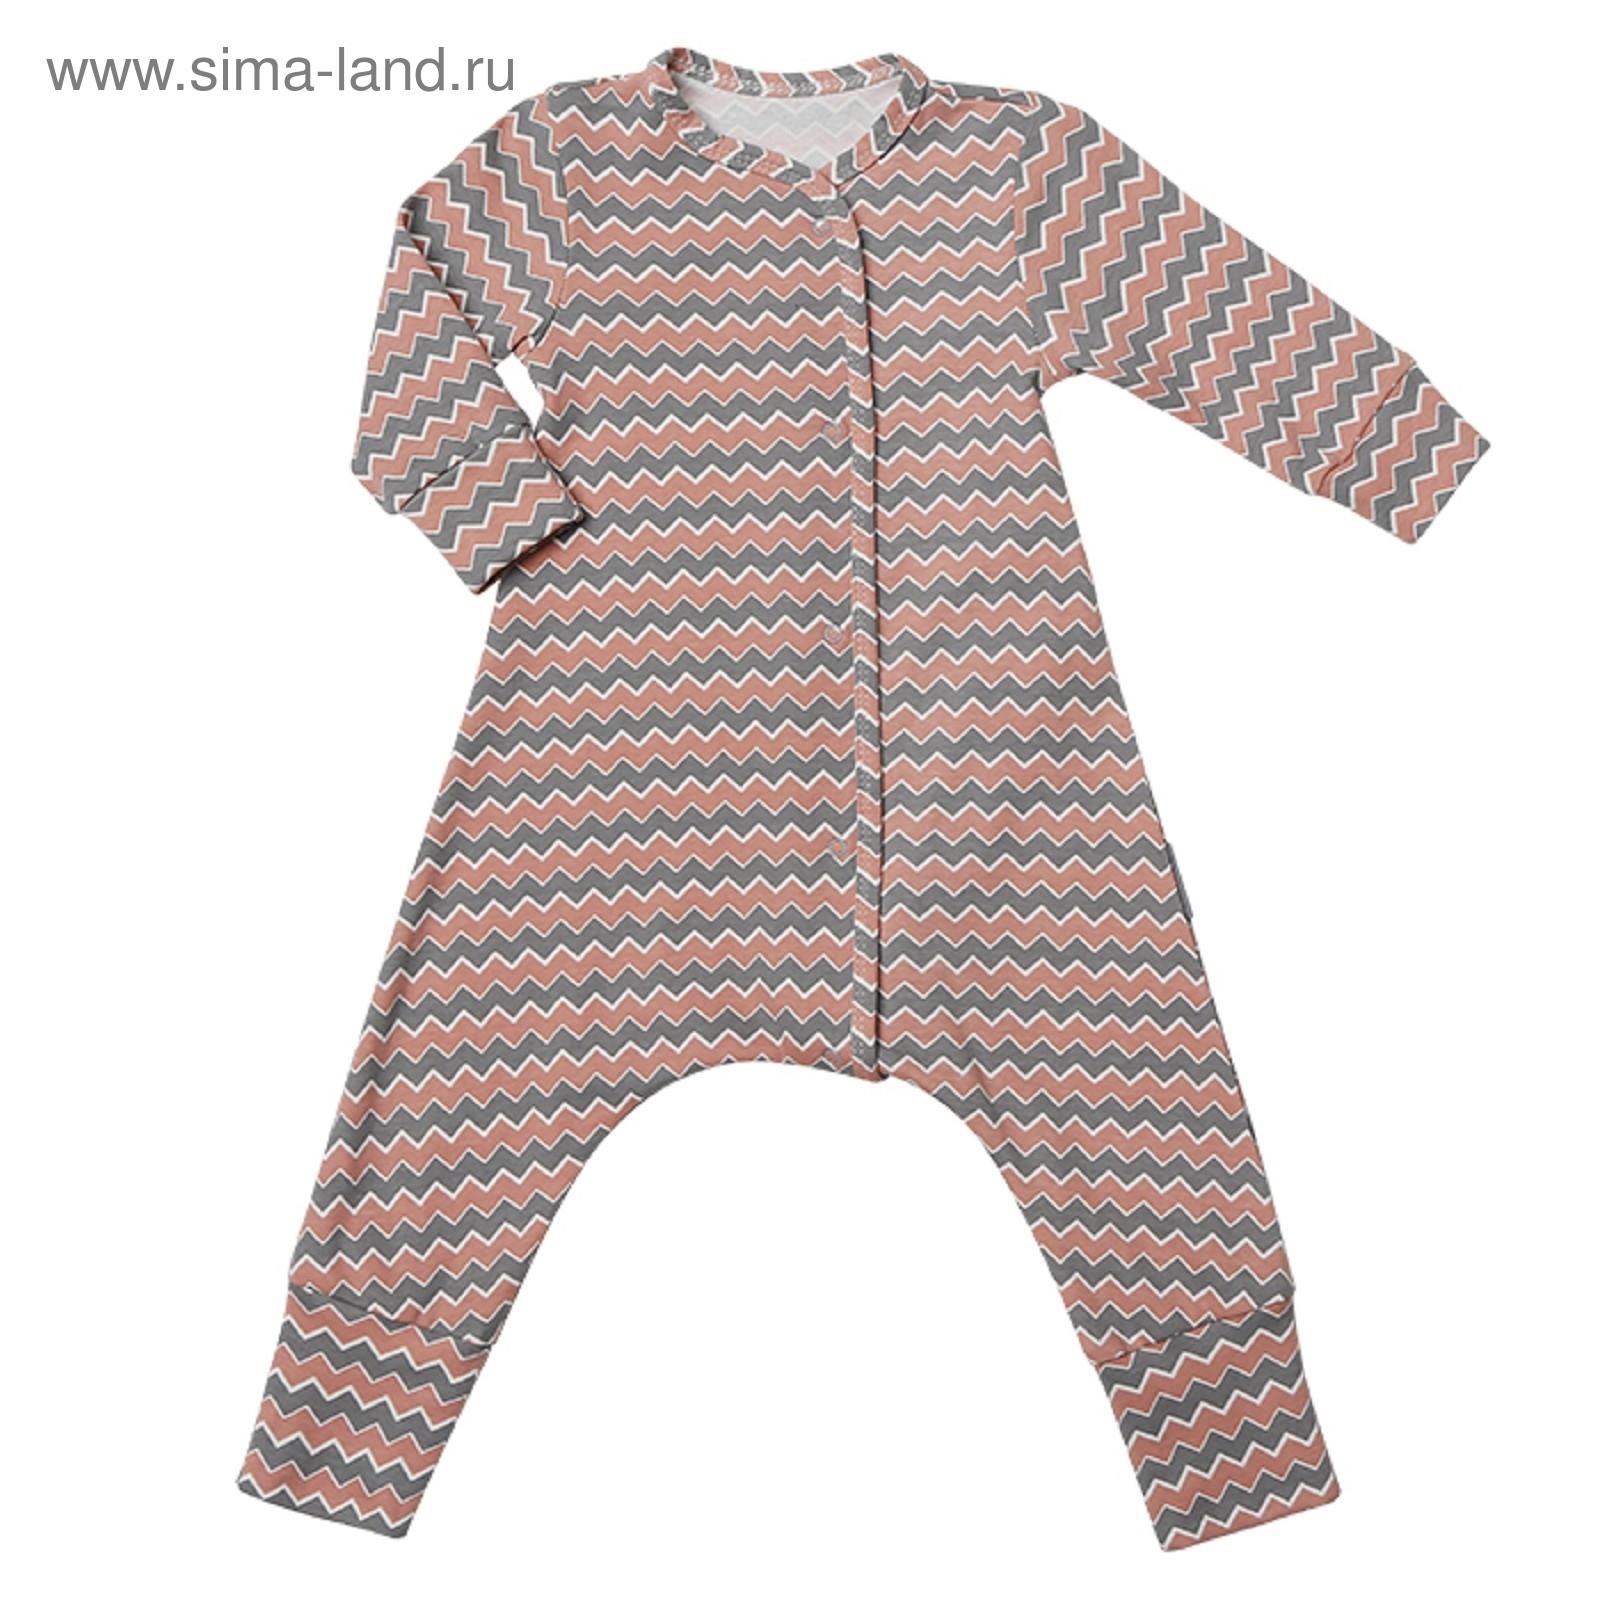 dcf57640cb9 Пижама на кнопках для девочек